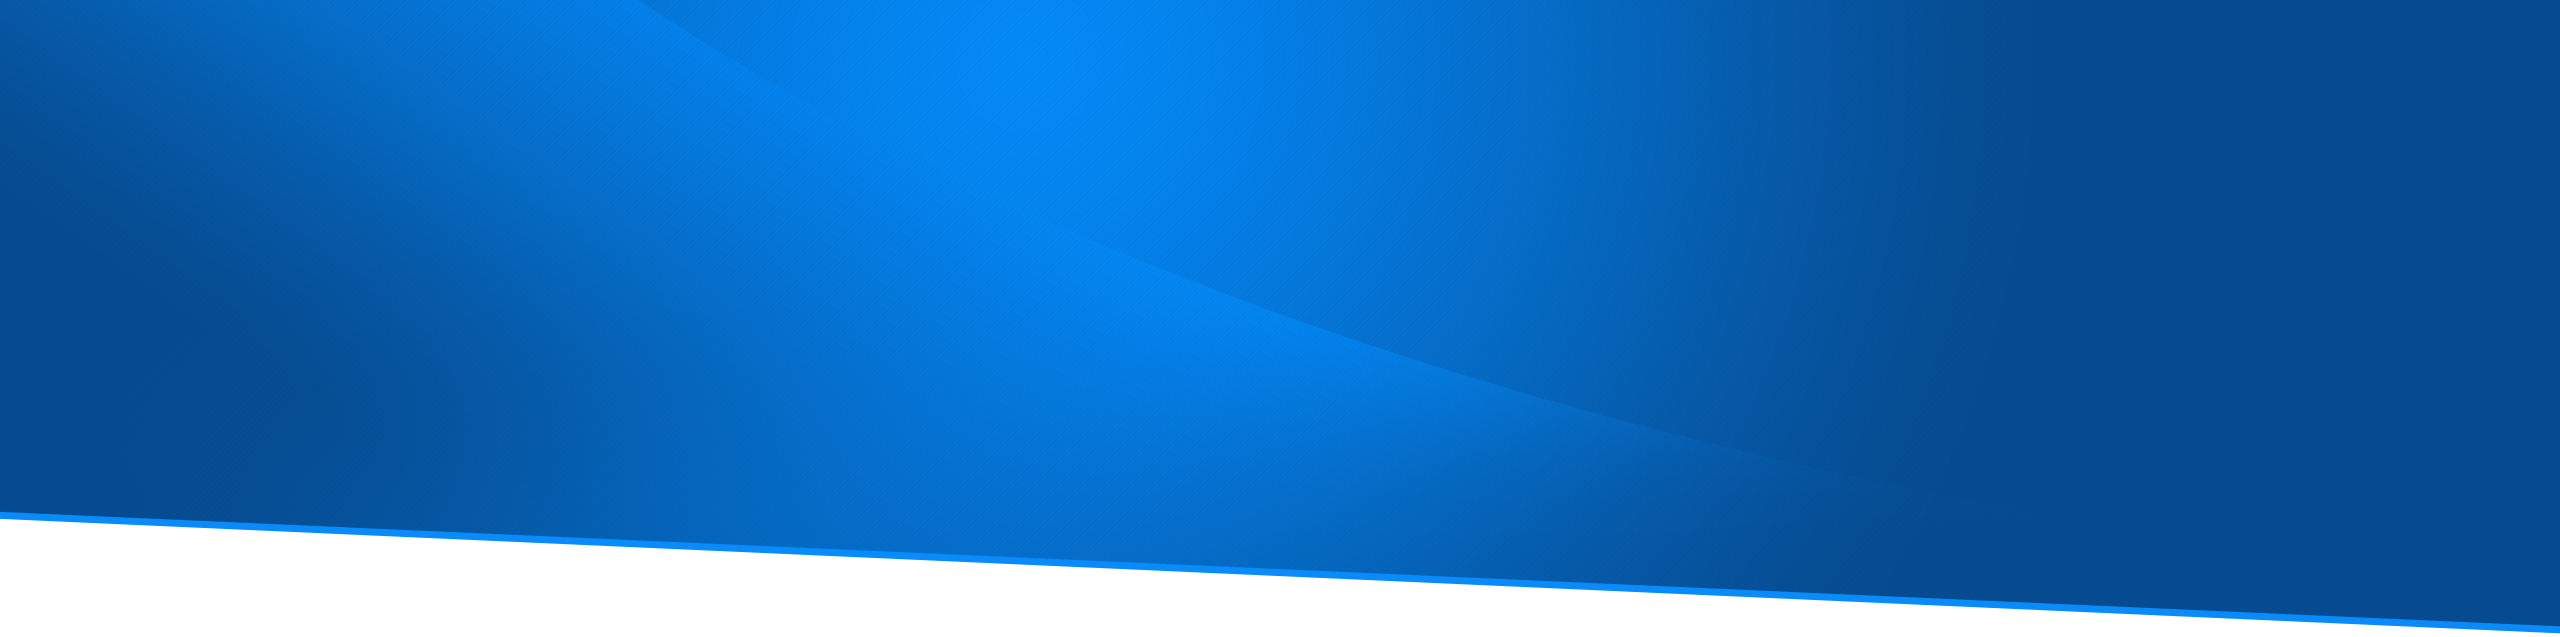 home-banner-bluebackright